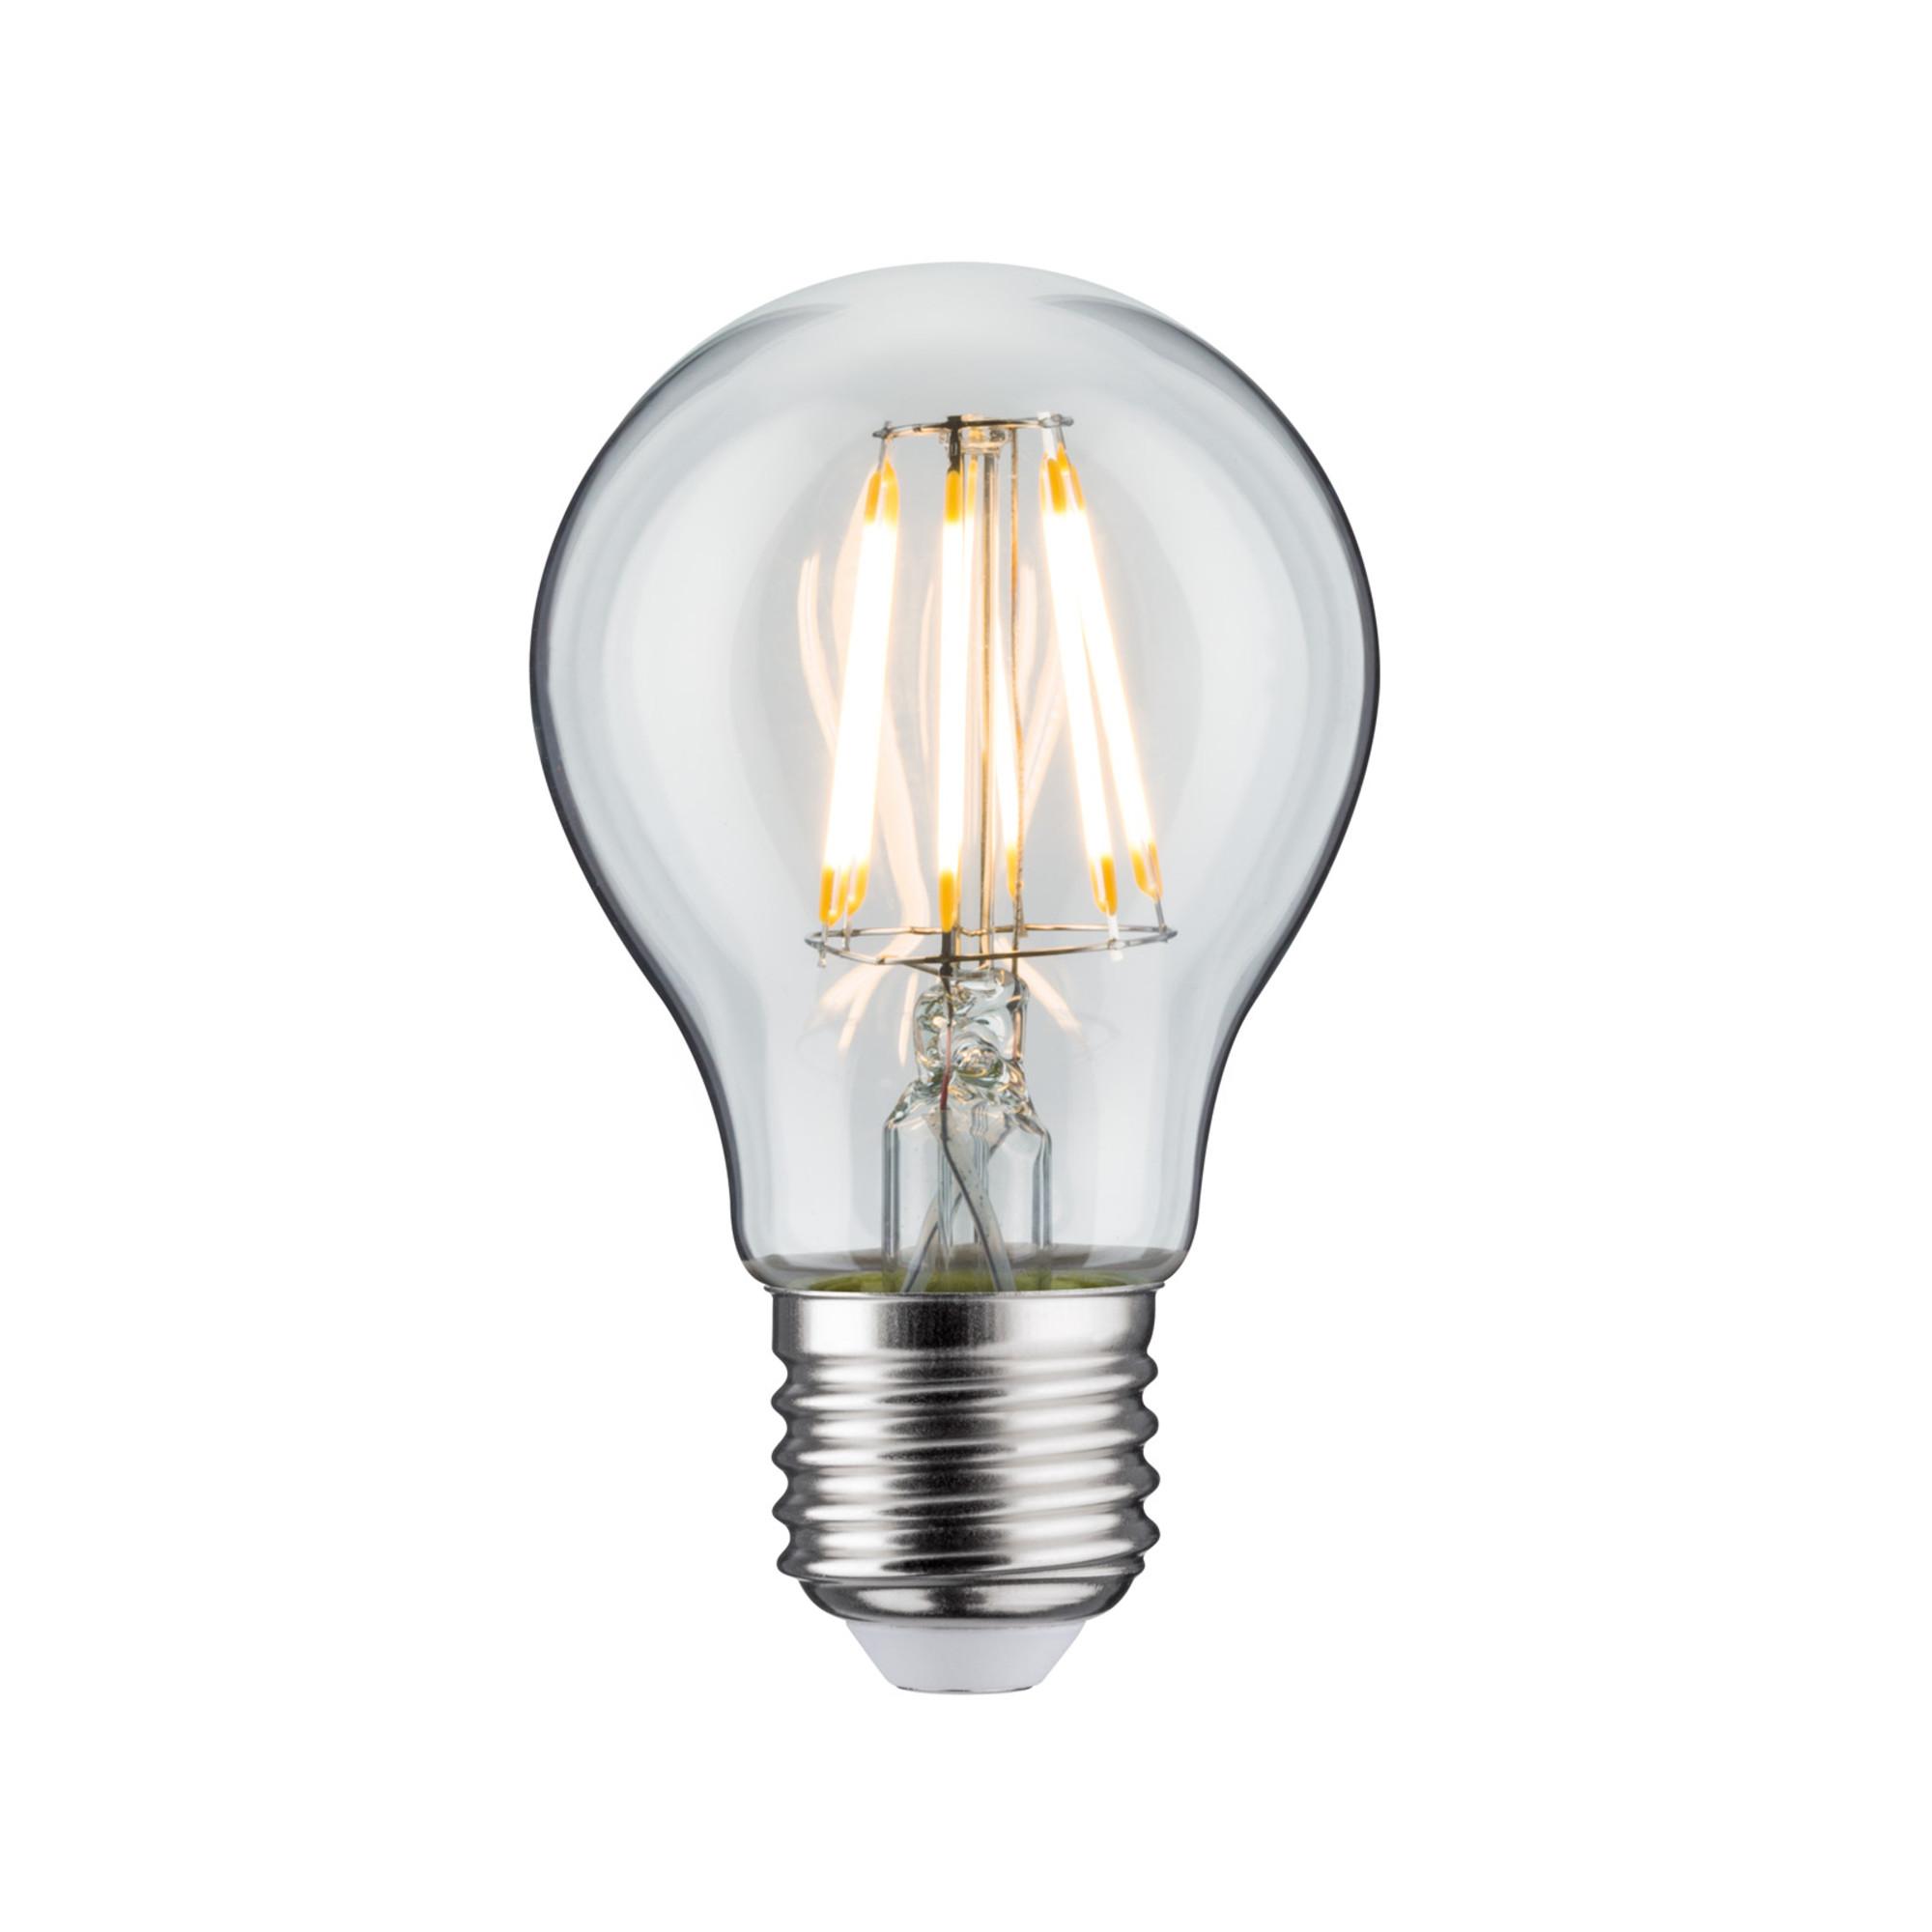 Лампа филаментная Paulmann Общего назначения 7.5Вт 806лм 2700К Е27 230В Прозрачный 28377.